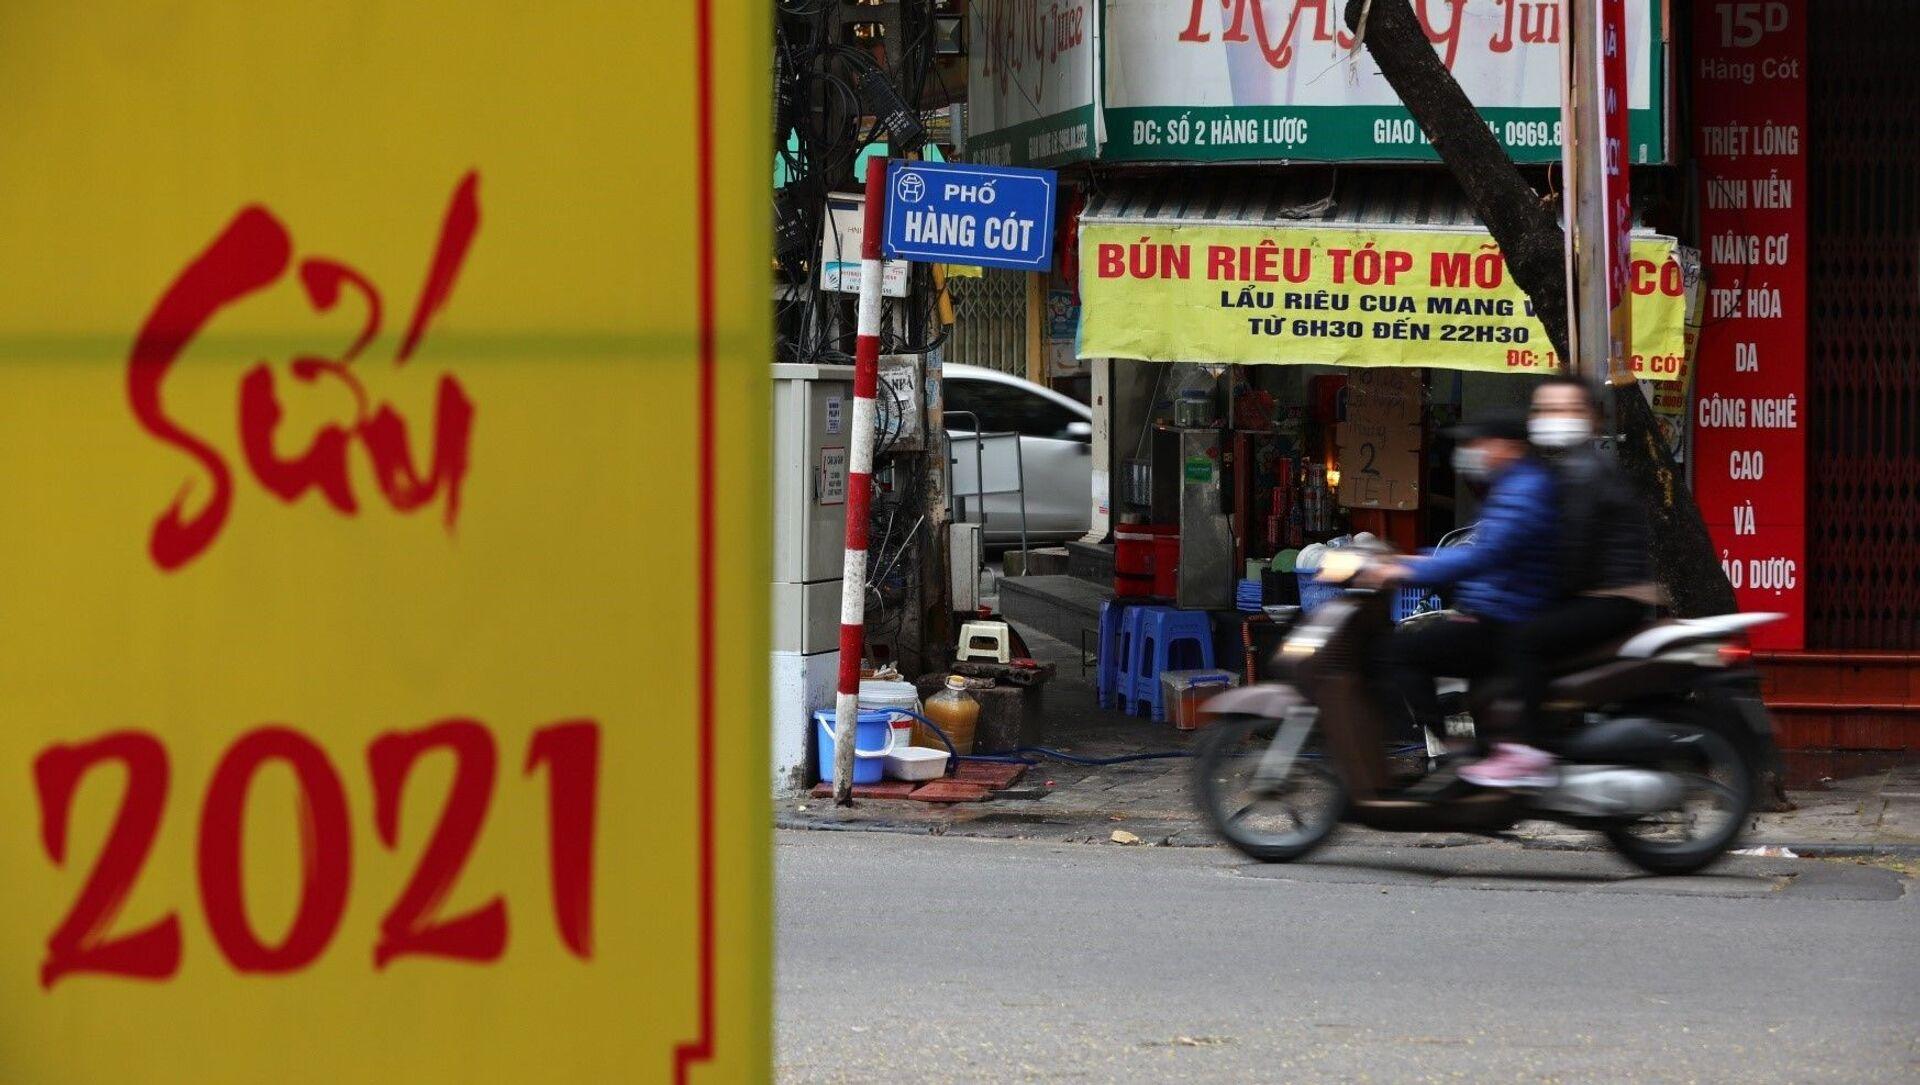 Cửa hàng ăn sáng trên phố Hàng Cót chỉ bán cho khách mang về. - Sputnik Việt Nam, 1920, 17.02.2021